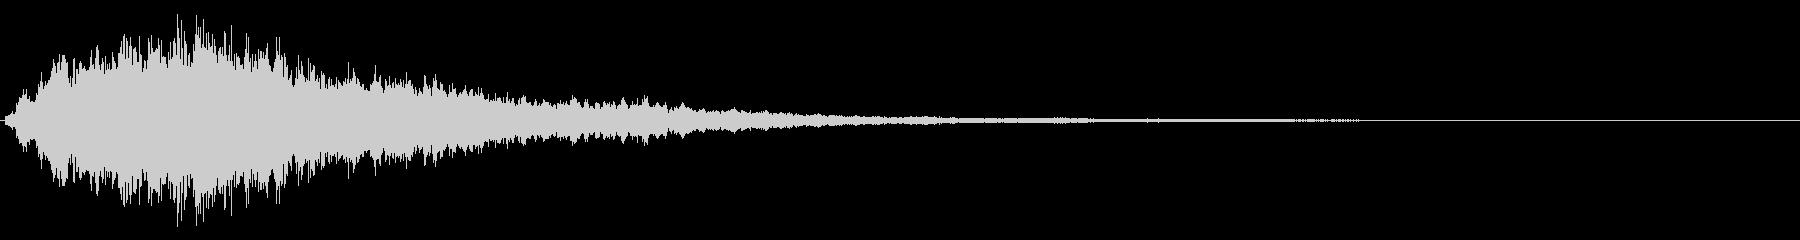 キラキラ輝く テロップ音 ボタン音01の未再生の波形